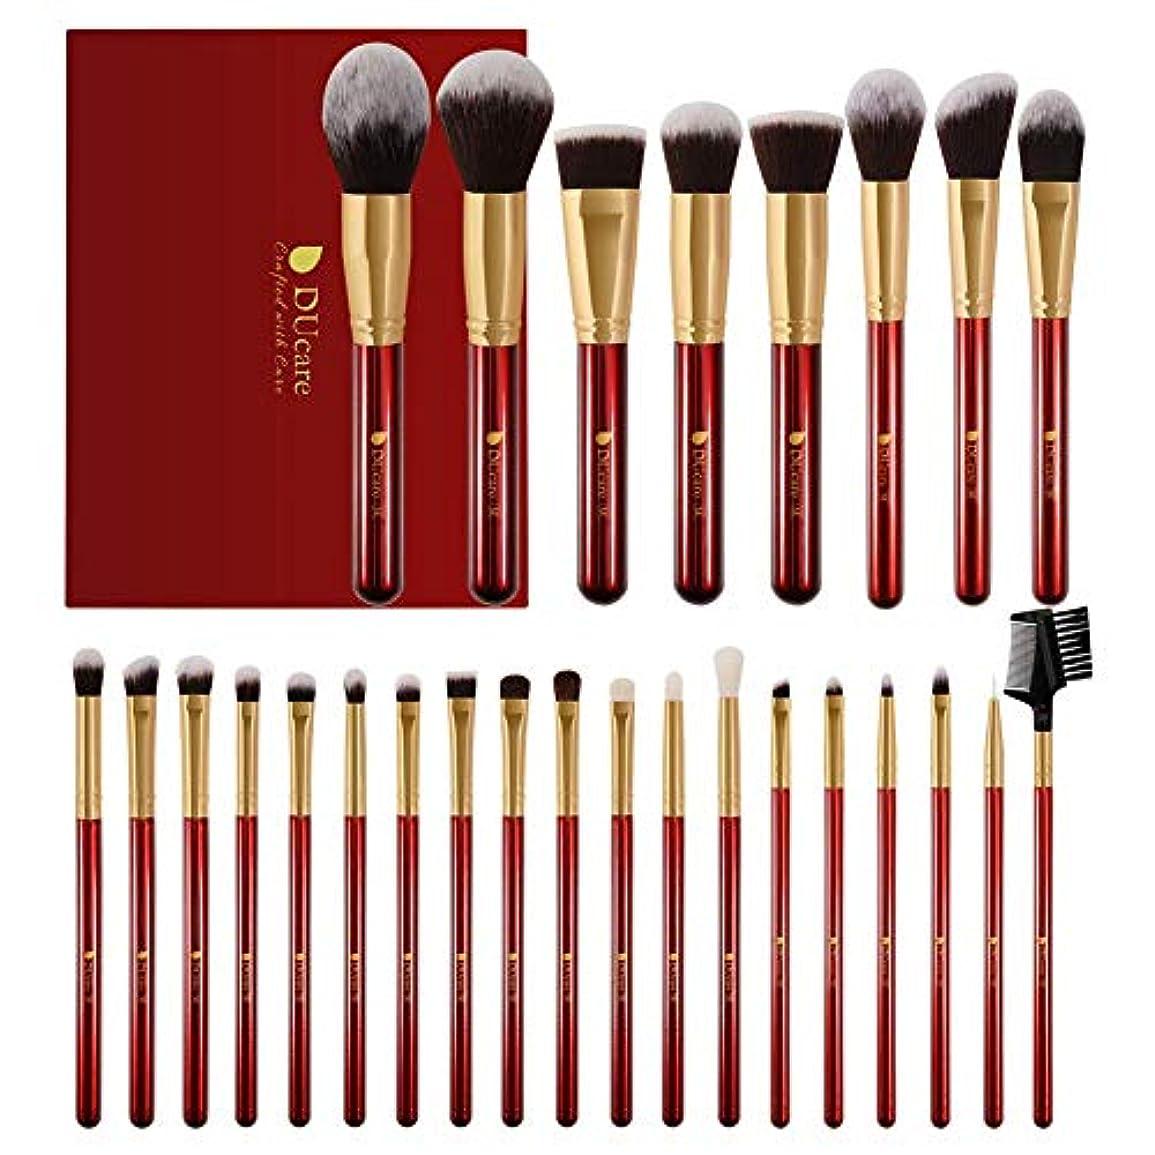 さわやかくちばし石のDUcare ドゥケア メイクブラシ 27本セット 化粧筆 フェイスブラシ PBT毛&天然毛 (赤) 同シリーズでブラックあり